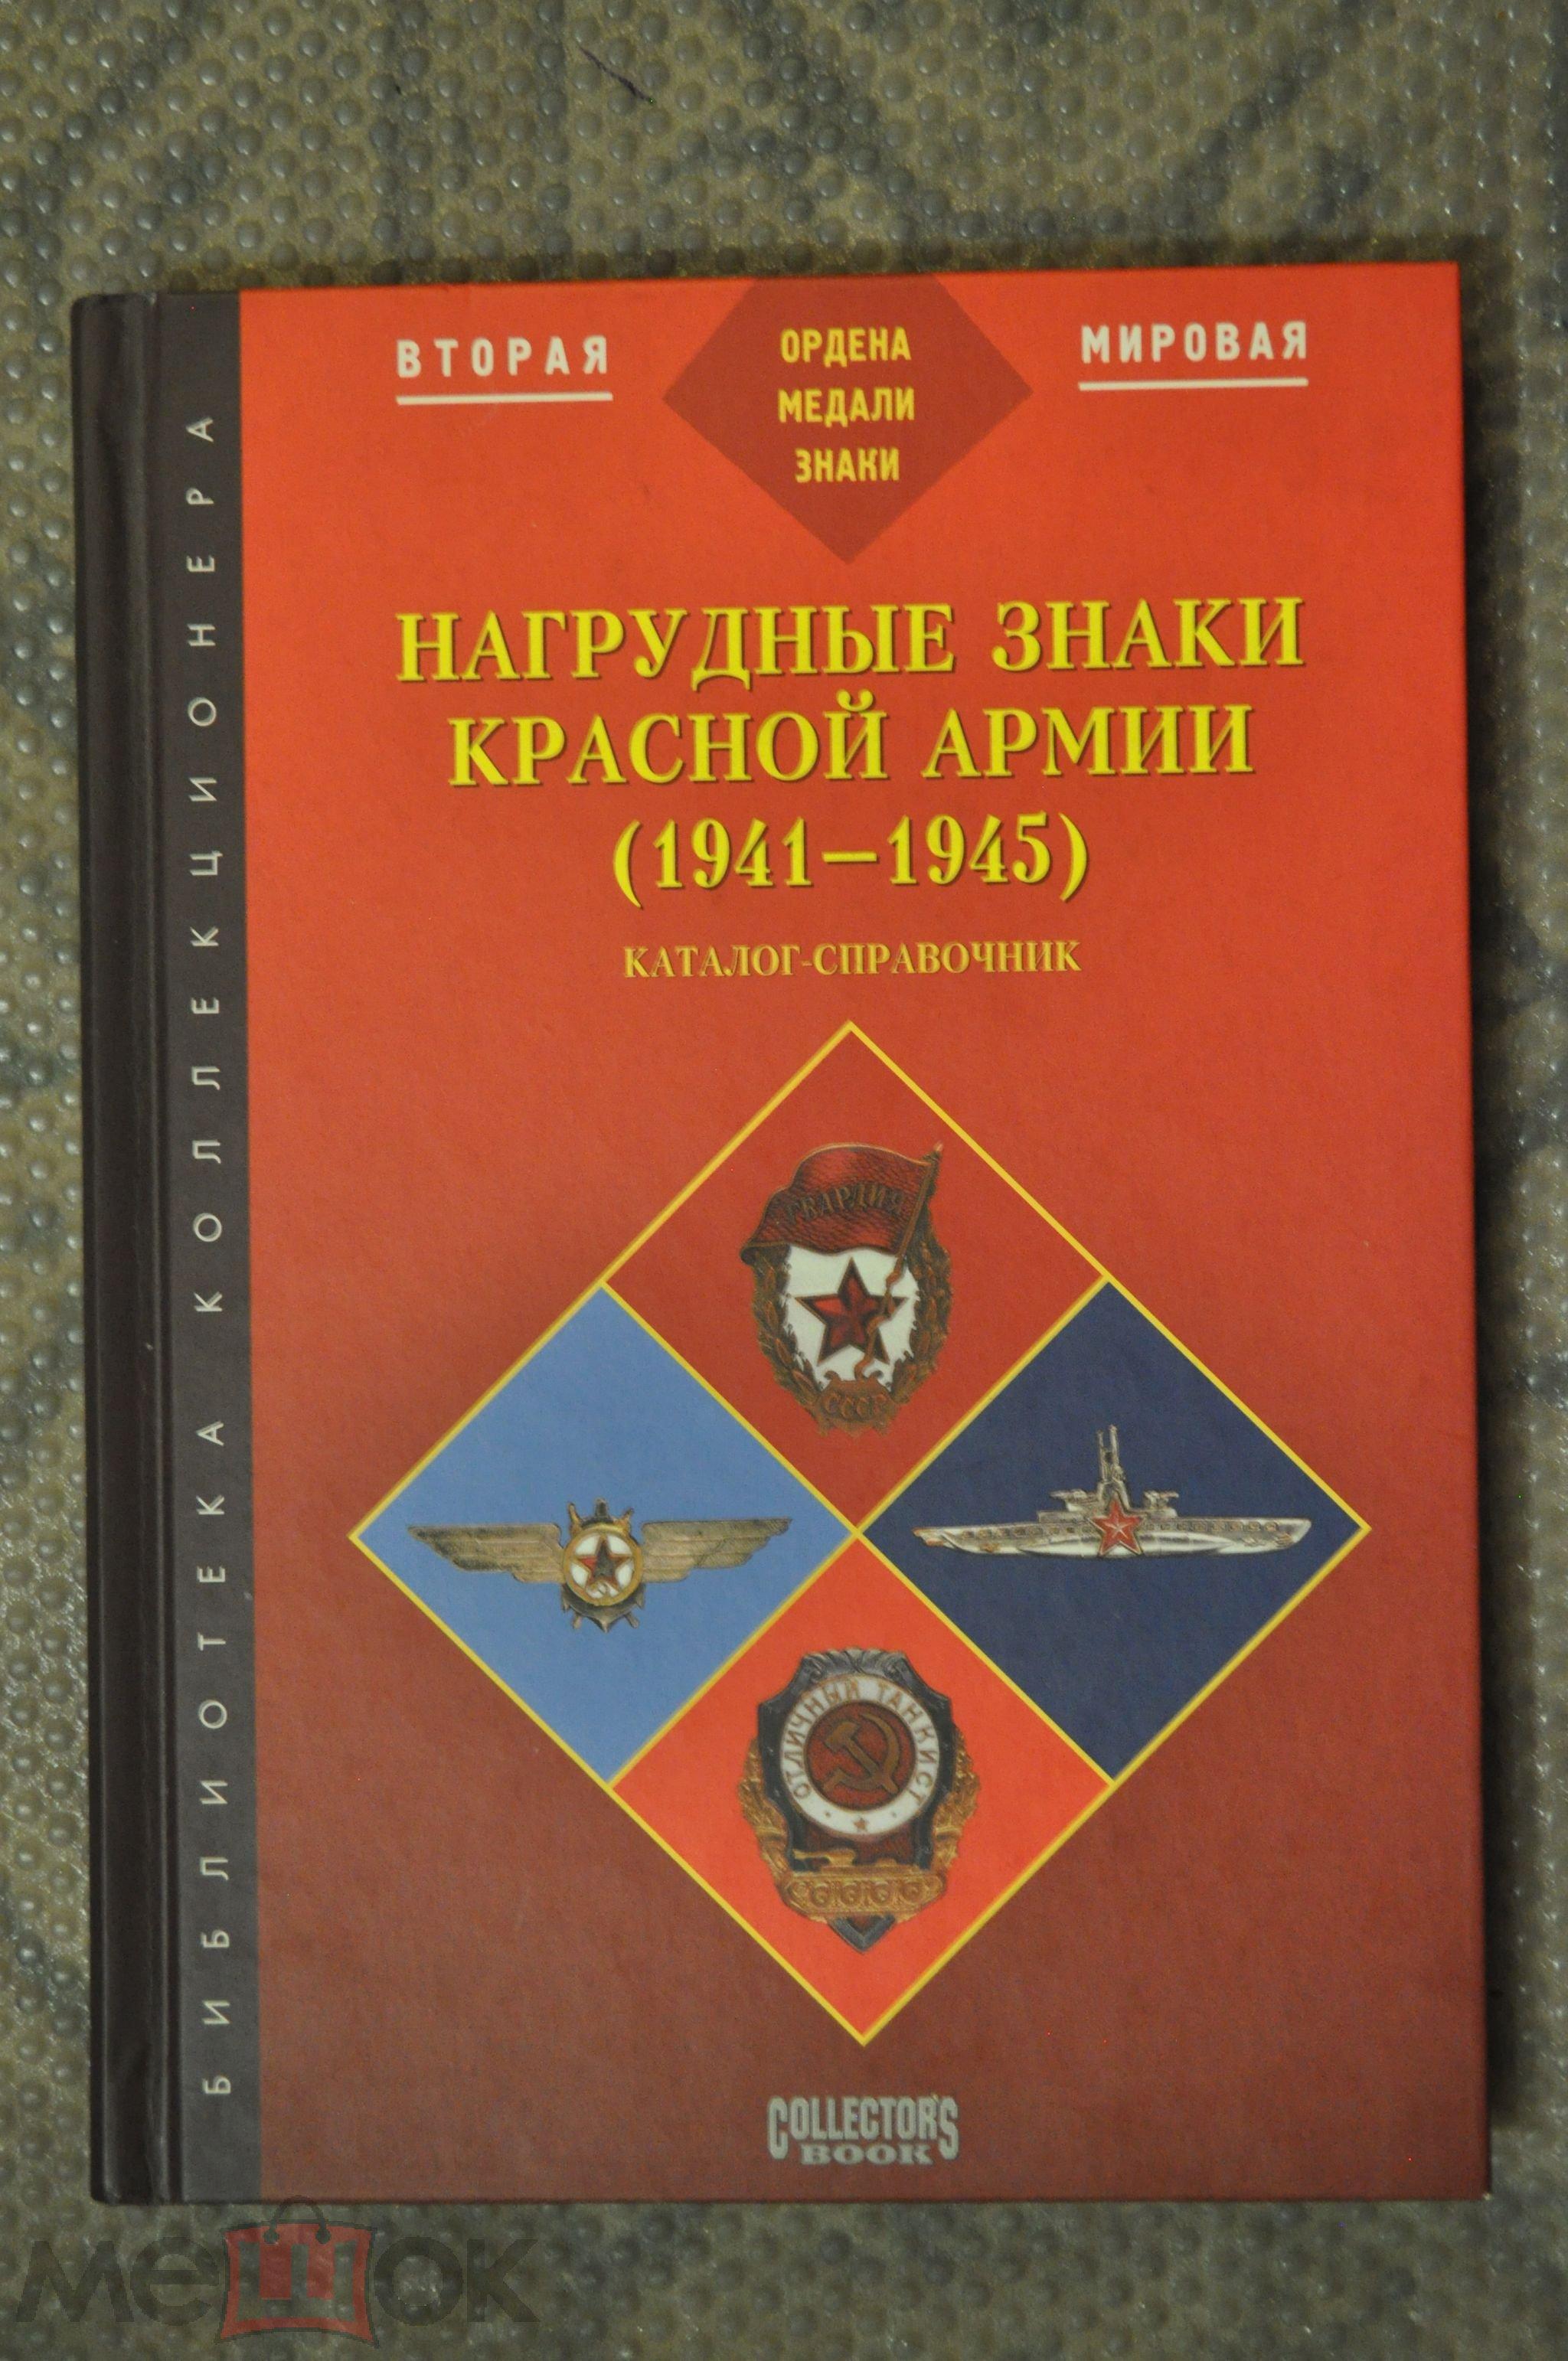 НАГРУДНЫЕ ЗНАКИ КРАСНОЙ АРМИИ 1941-1945 КАТАЛОГ-СПРАВОЧНИК СКАЧАТЬ БЕСПЛАТНО